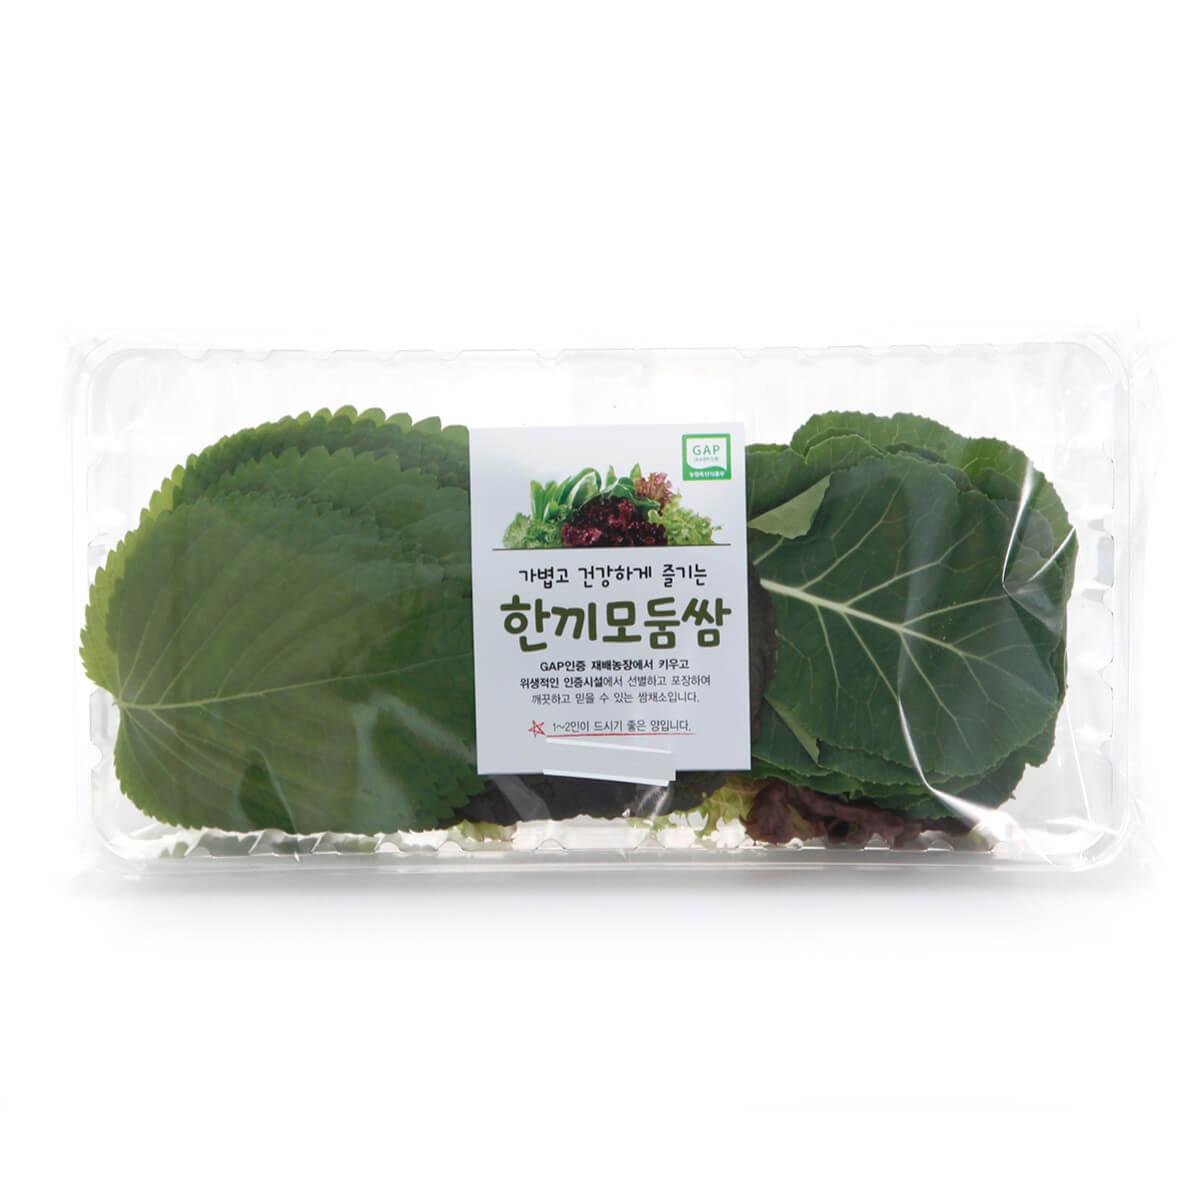 韓國食品-[Buy 3 and get 20% off!] Pork Belly cut in Bee-hive style 400g